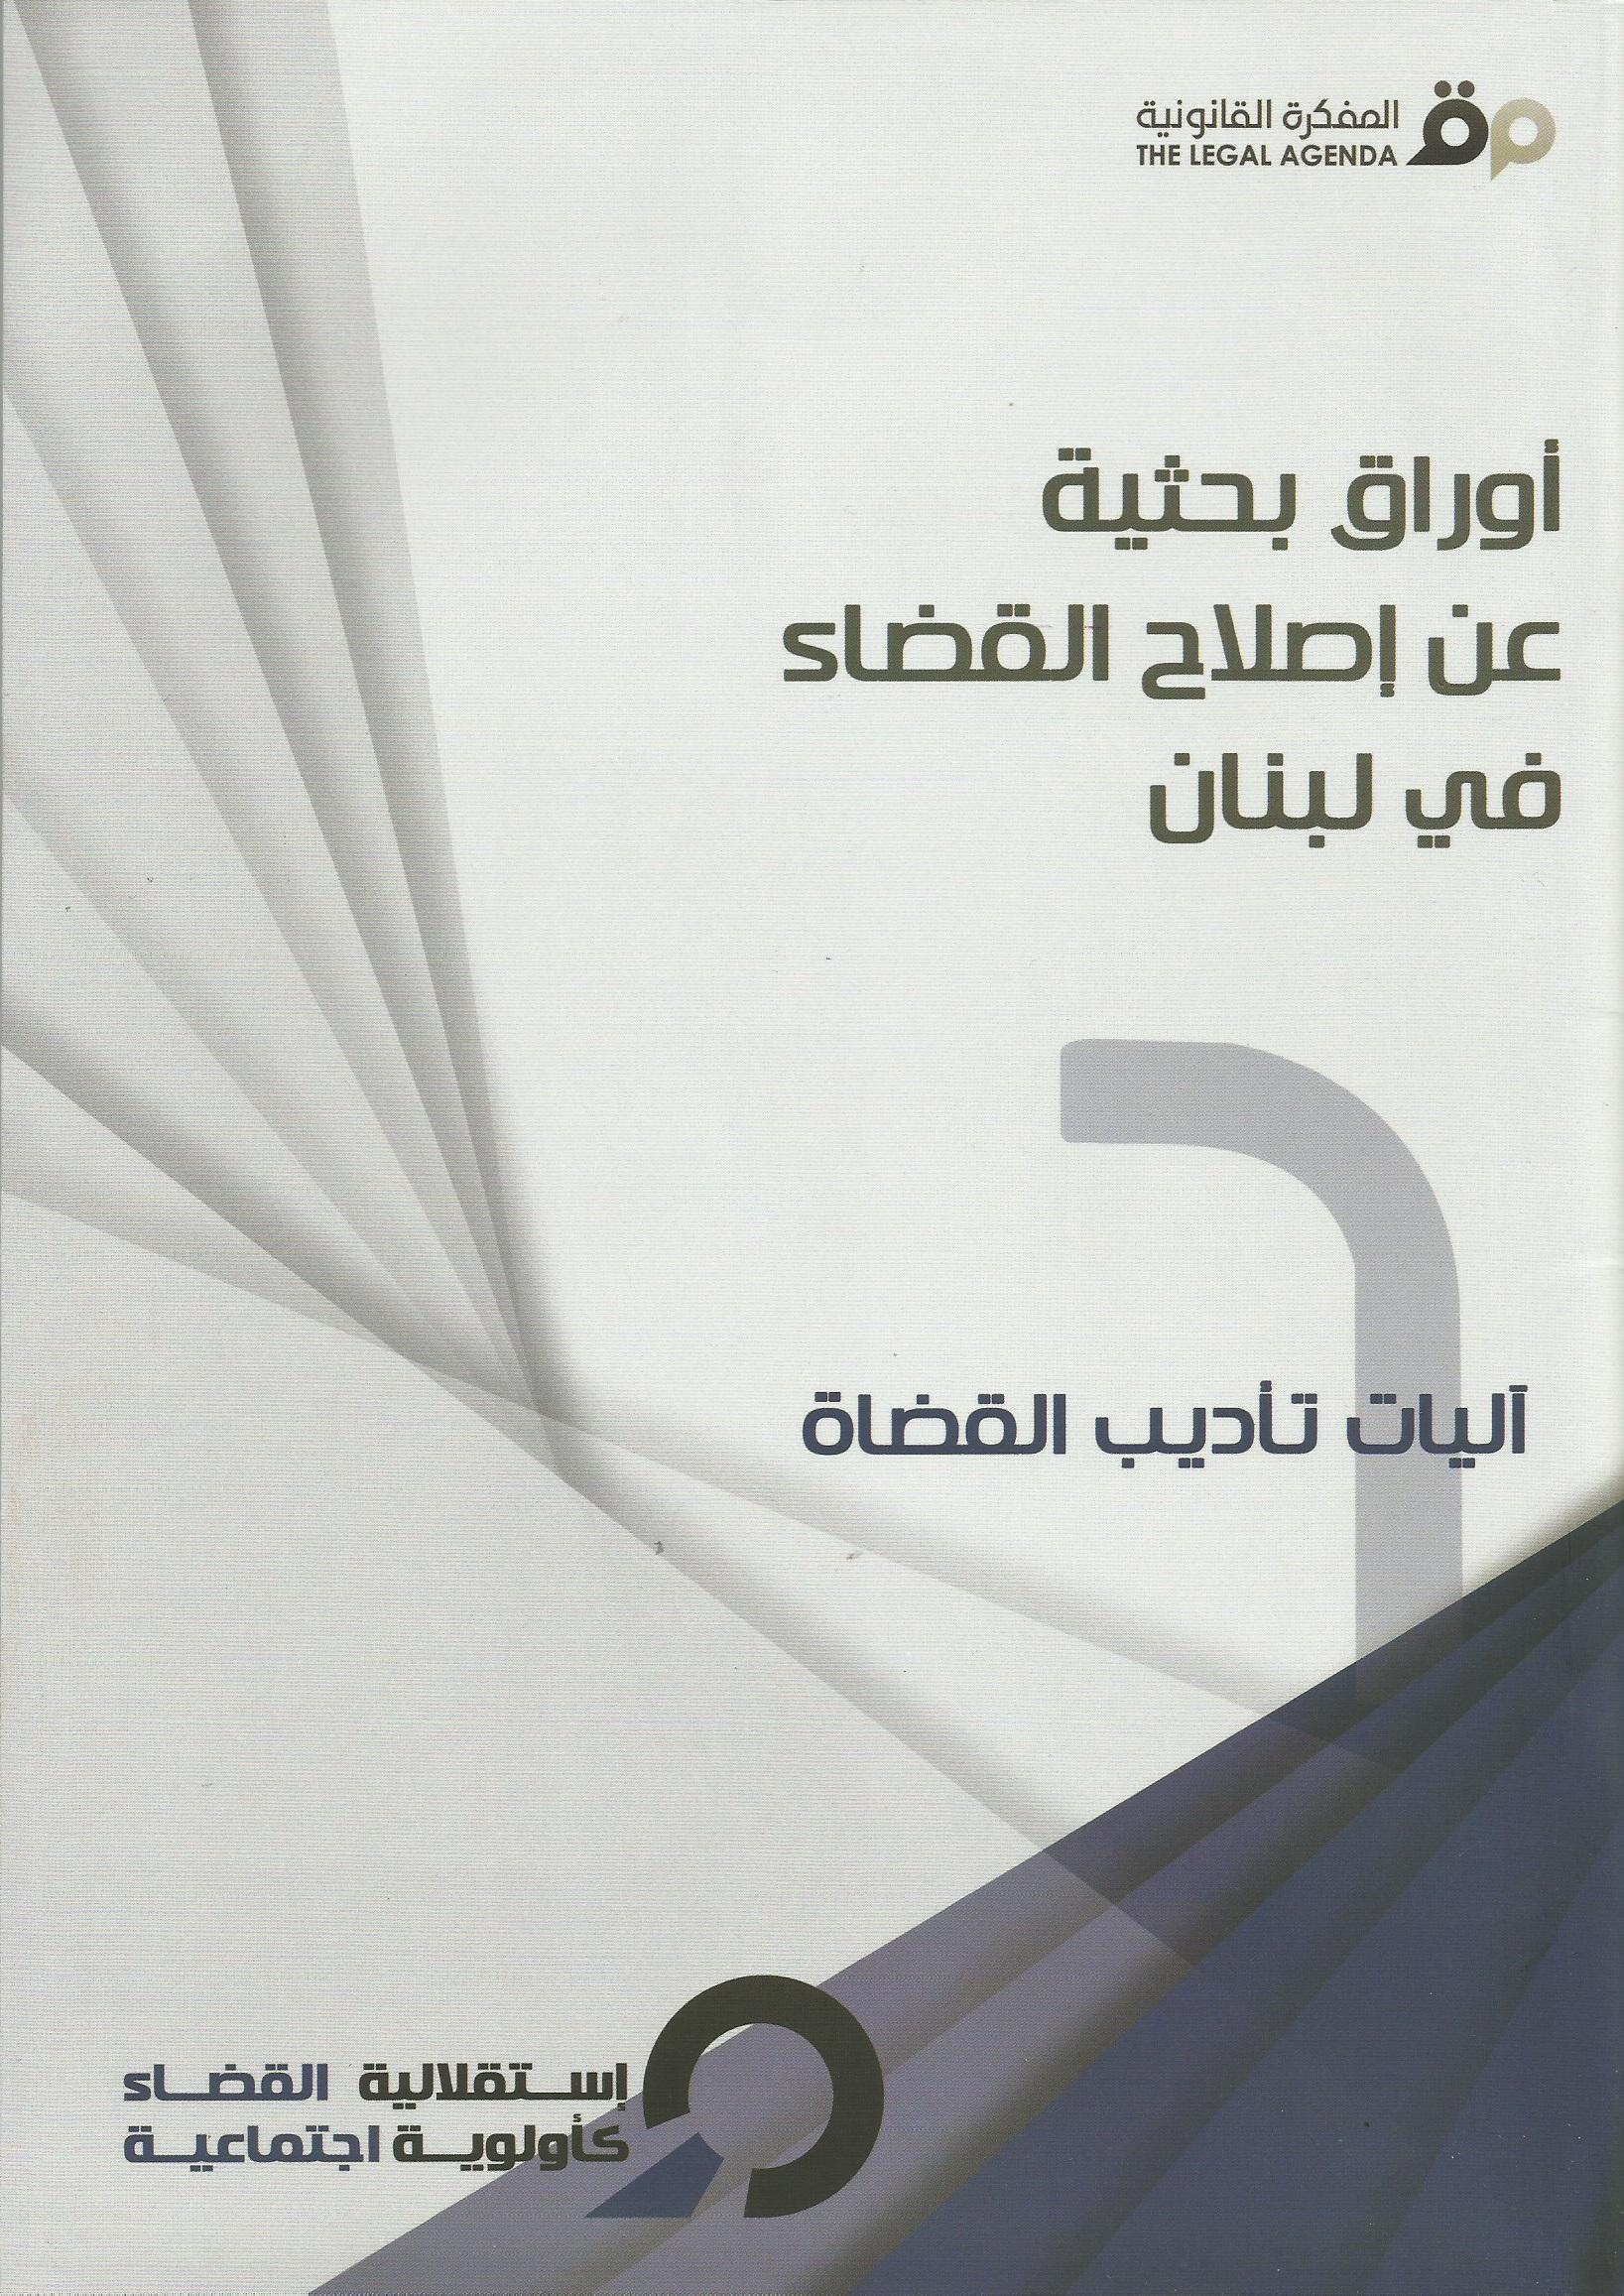 المفكرة تنشر ورقتها البحثية ال 6 حول إصلاح القضاء في لبنان: آليات تأديب القضاة